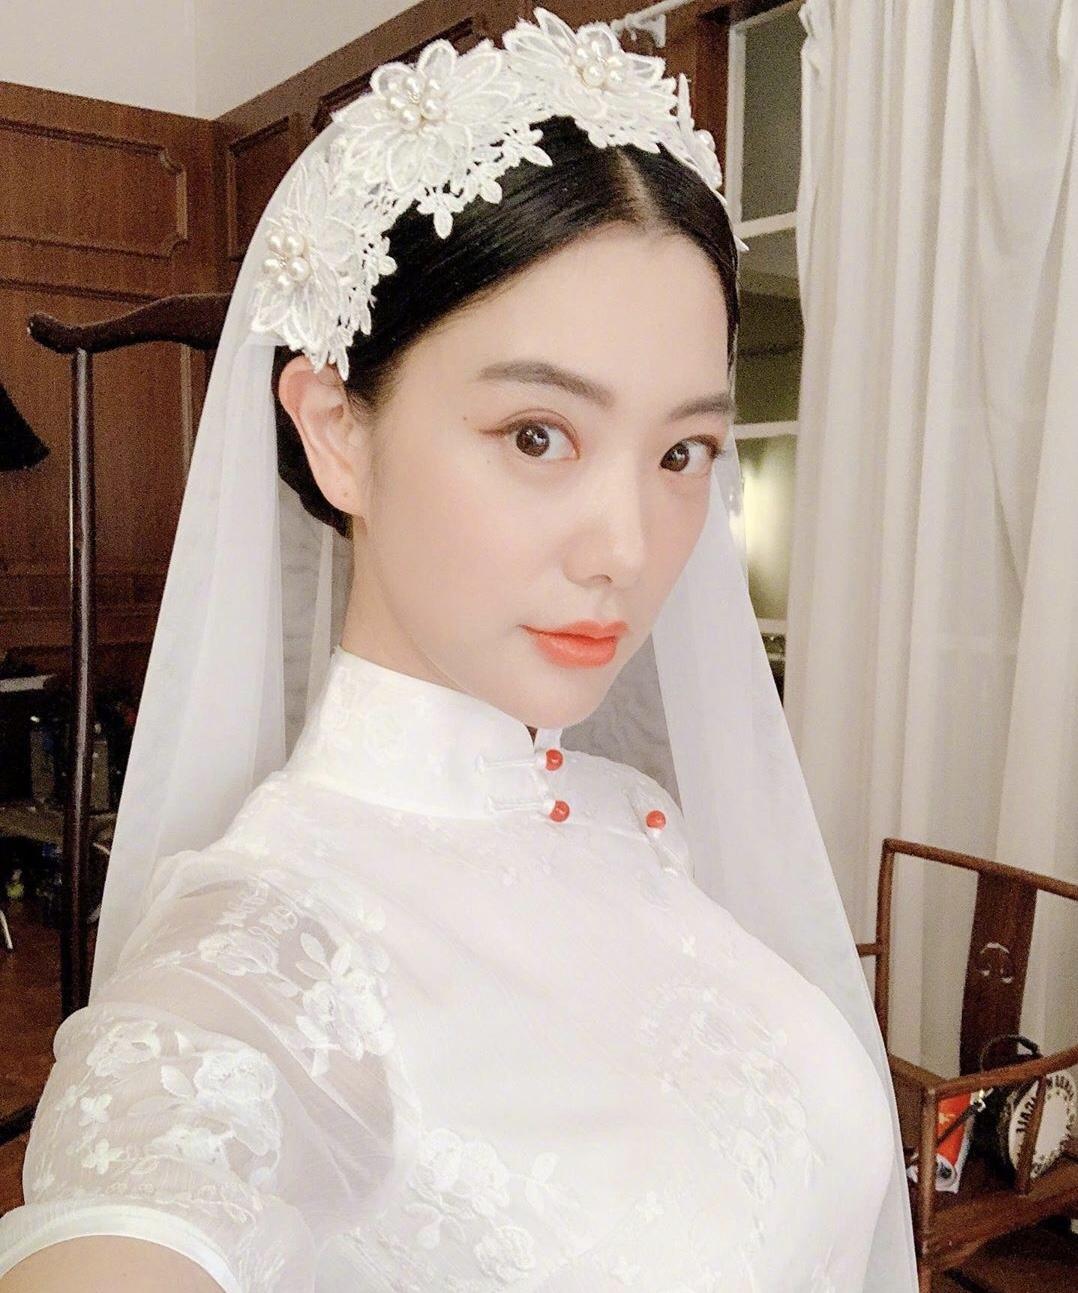 头饰 魅力 白色 韵味 头纱 发型 五官 婚纱 头衔 美人